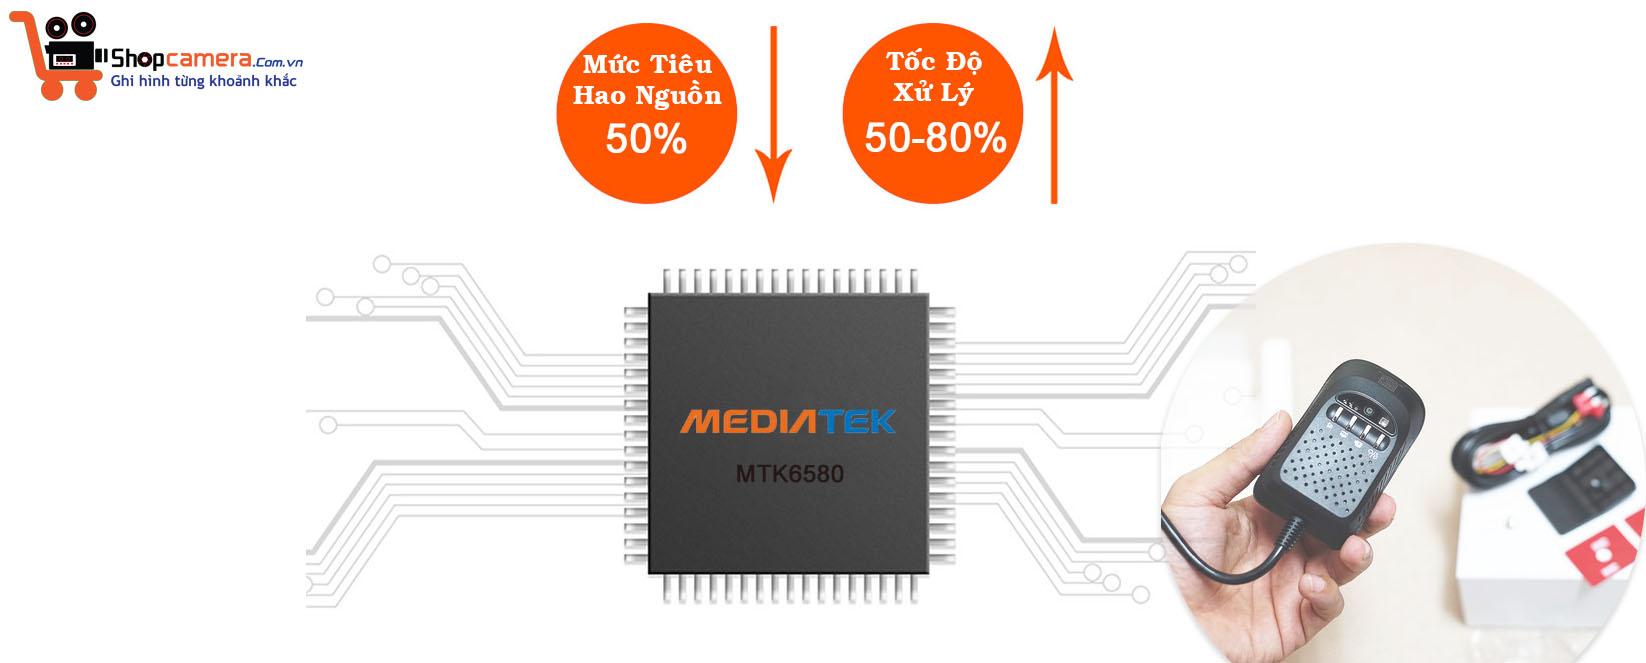 Sử dụng chipset MEDIATEK MTK6580 tốc độ cao và giảm 50% năng lượng tiêu thụ